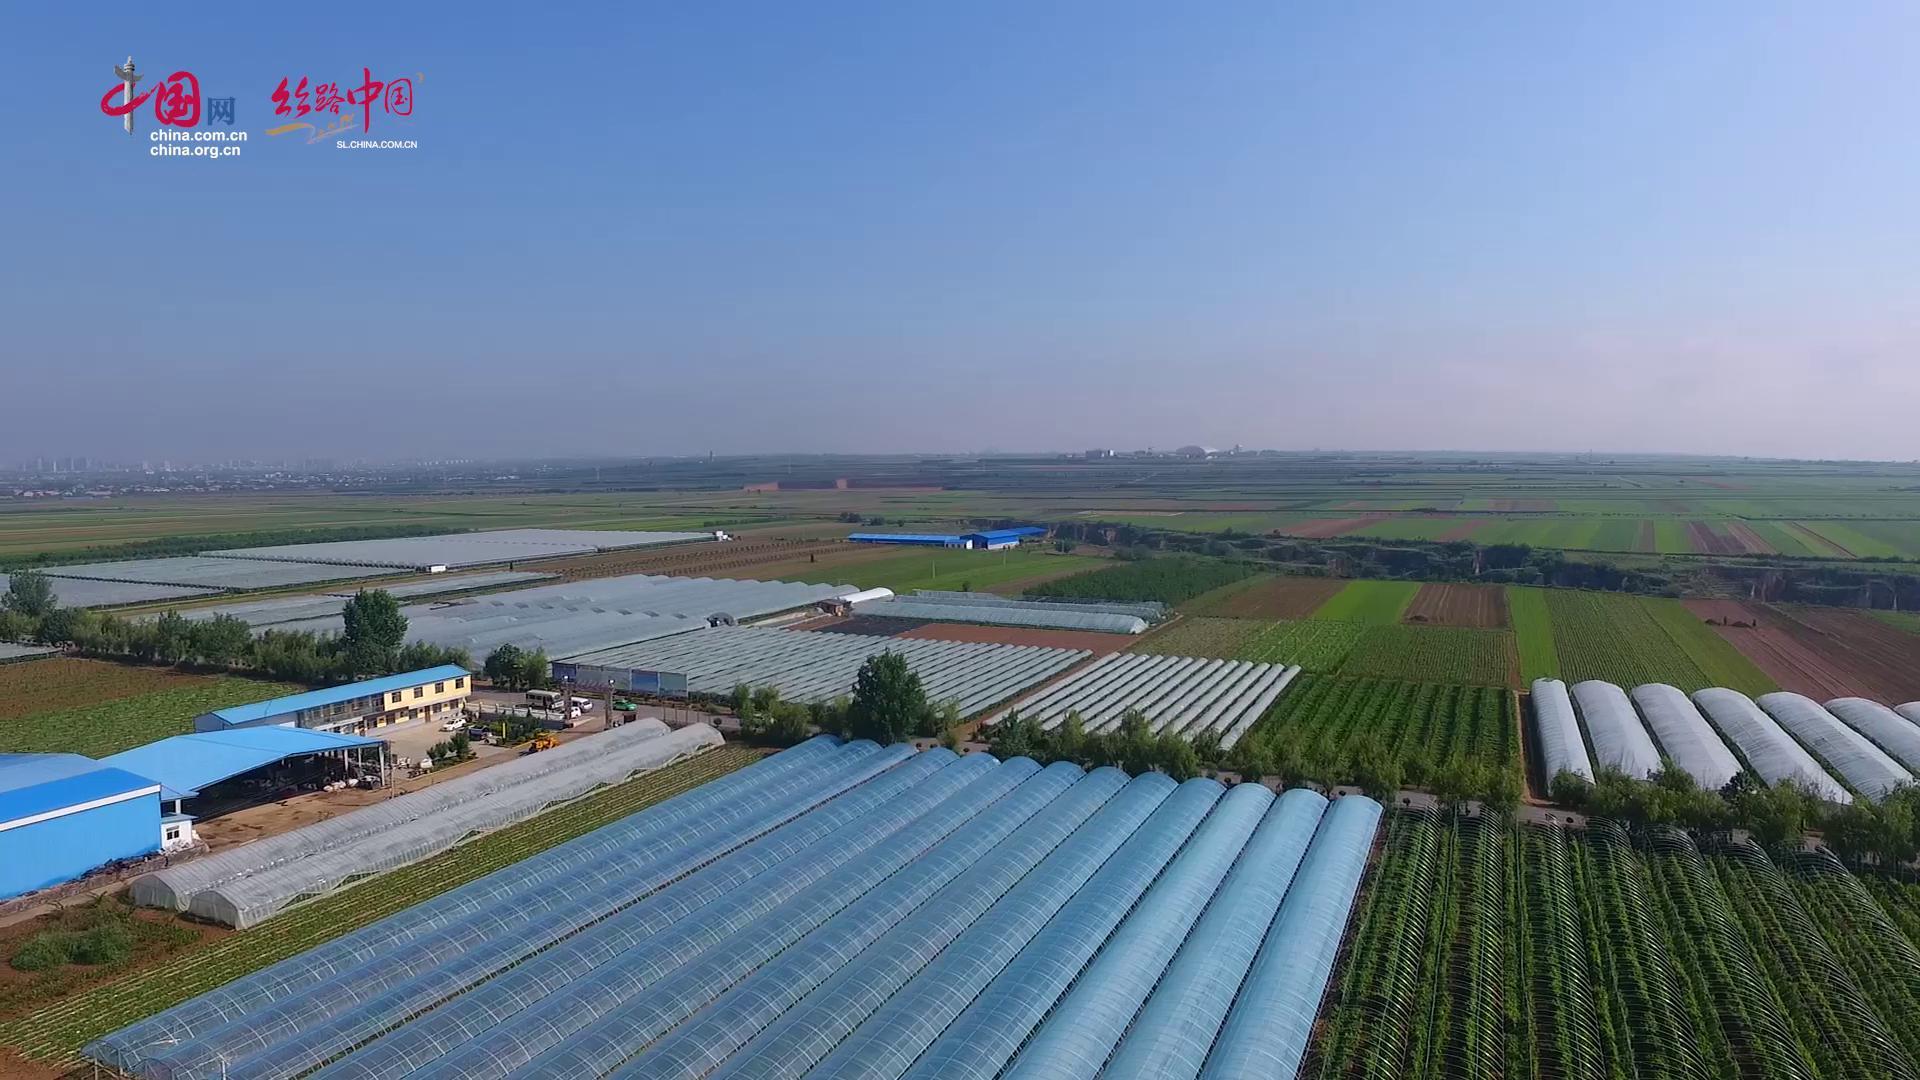 """【视频】合阳县南沟村:现代农业园成为精准扶贫的""""金钥匙"""""""